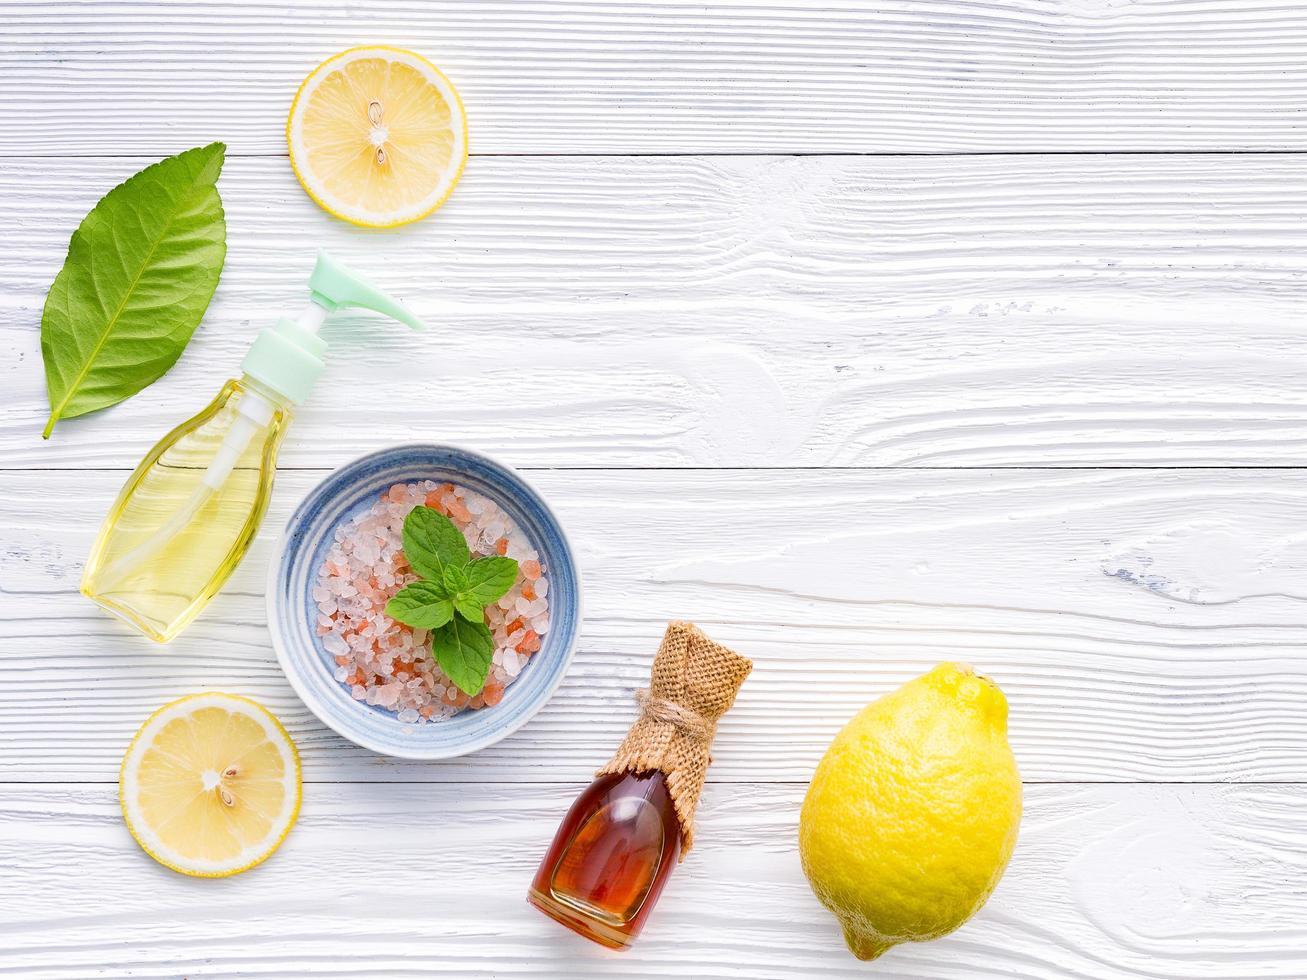 sal, miel y limón sobre un fondo blanco cutre foto